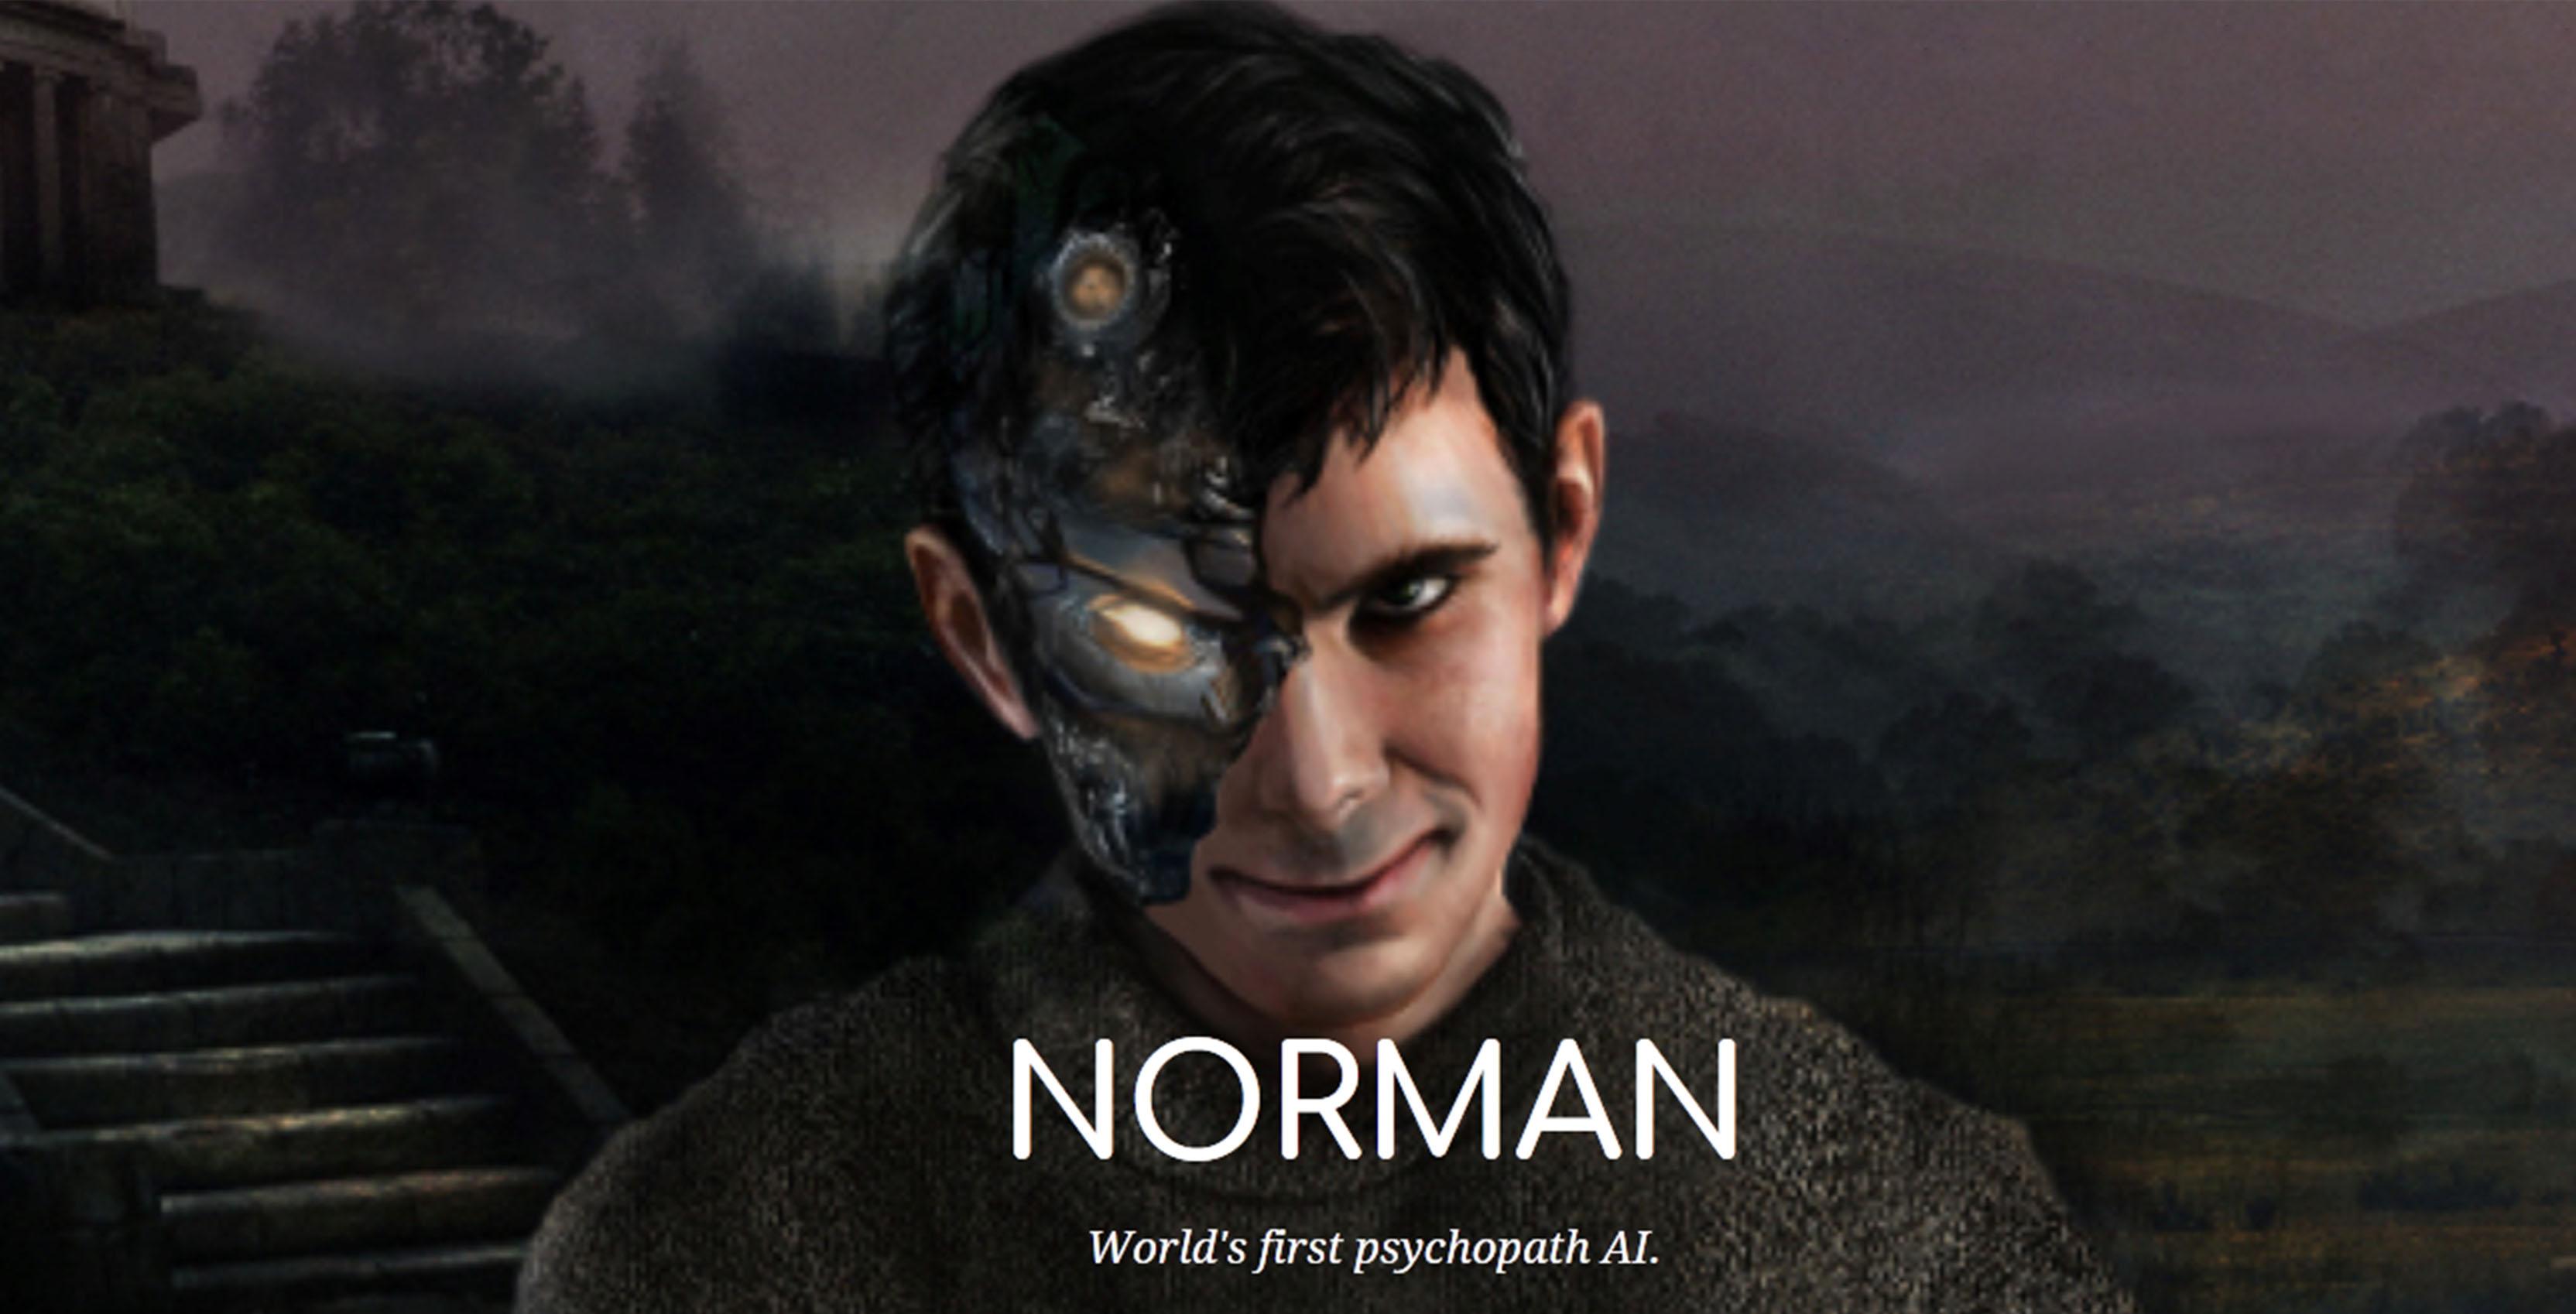 Pscyopath AI Norman